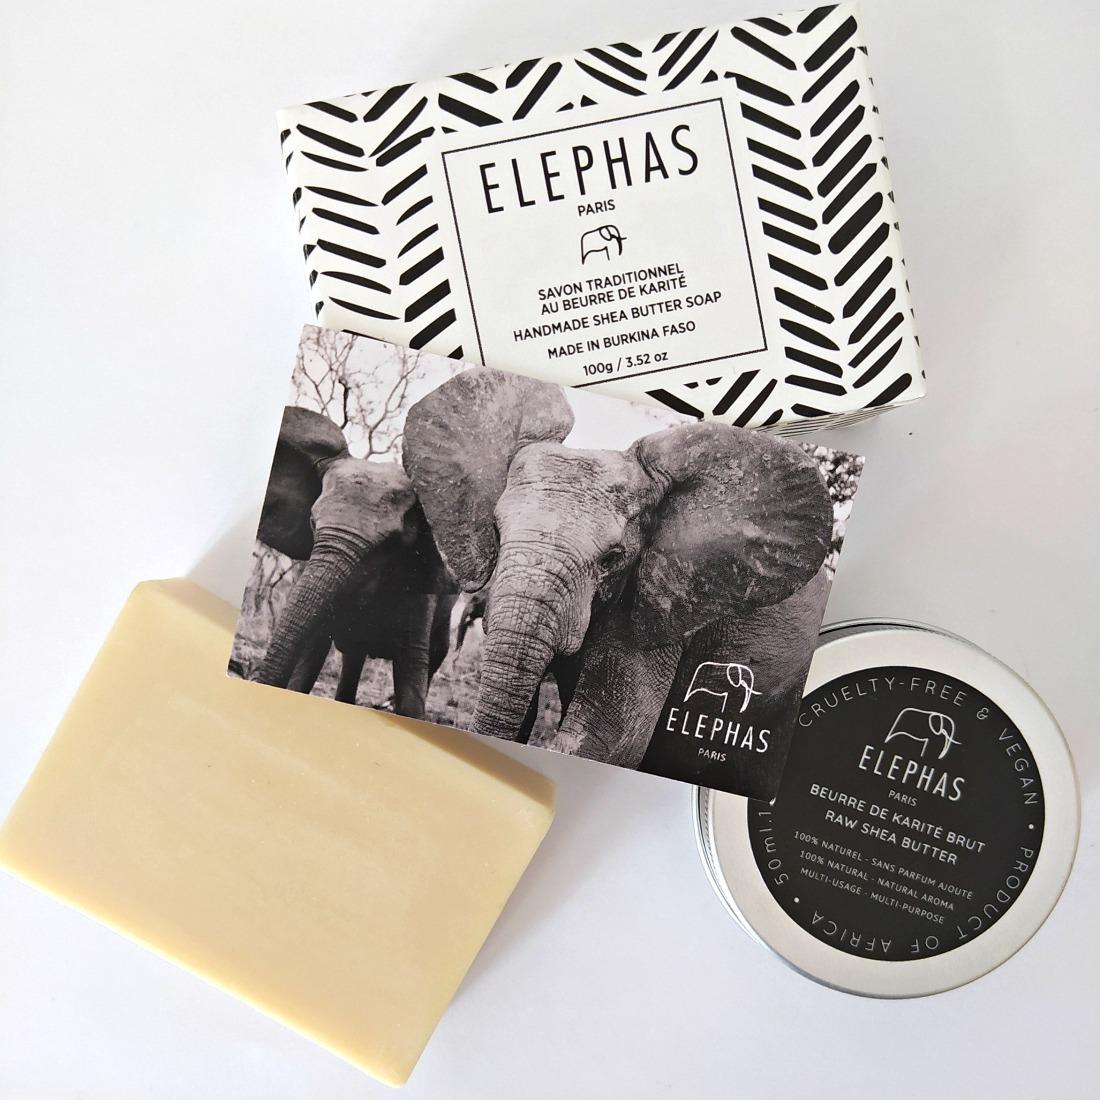 soins au karité elephas